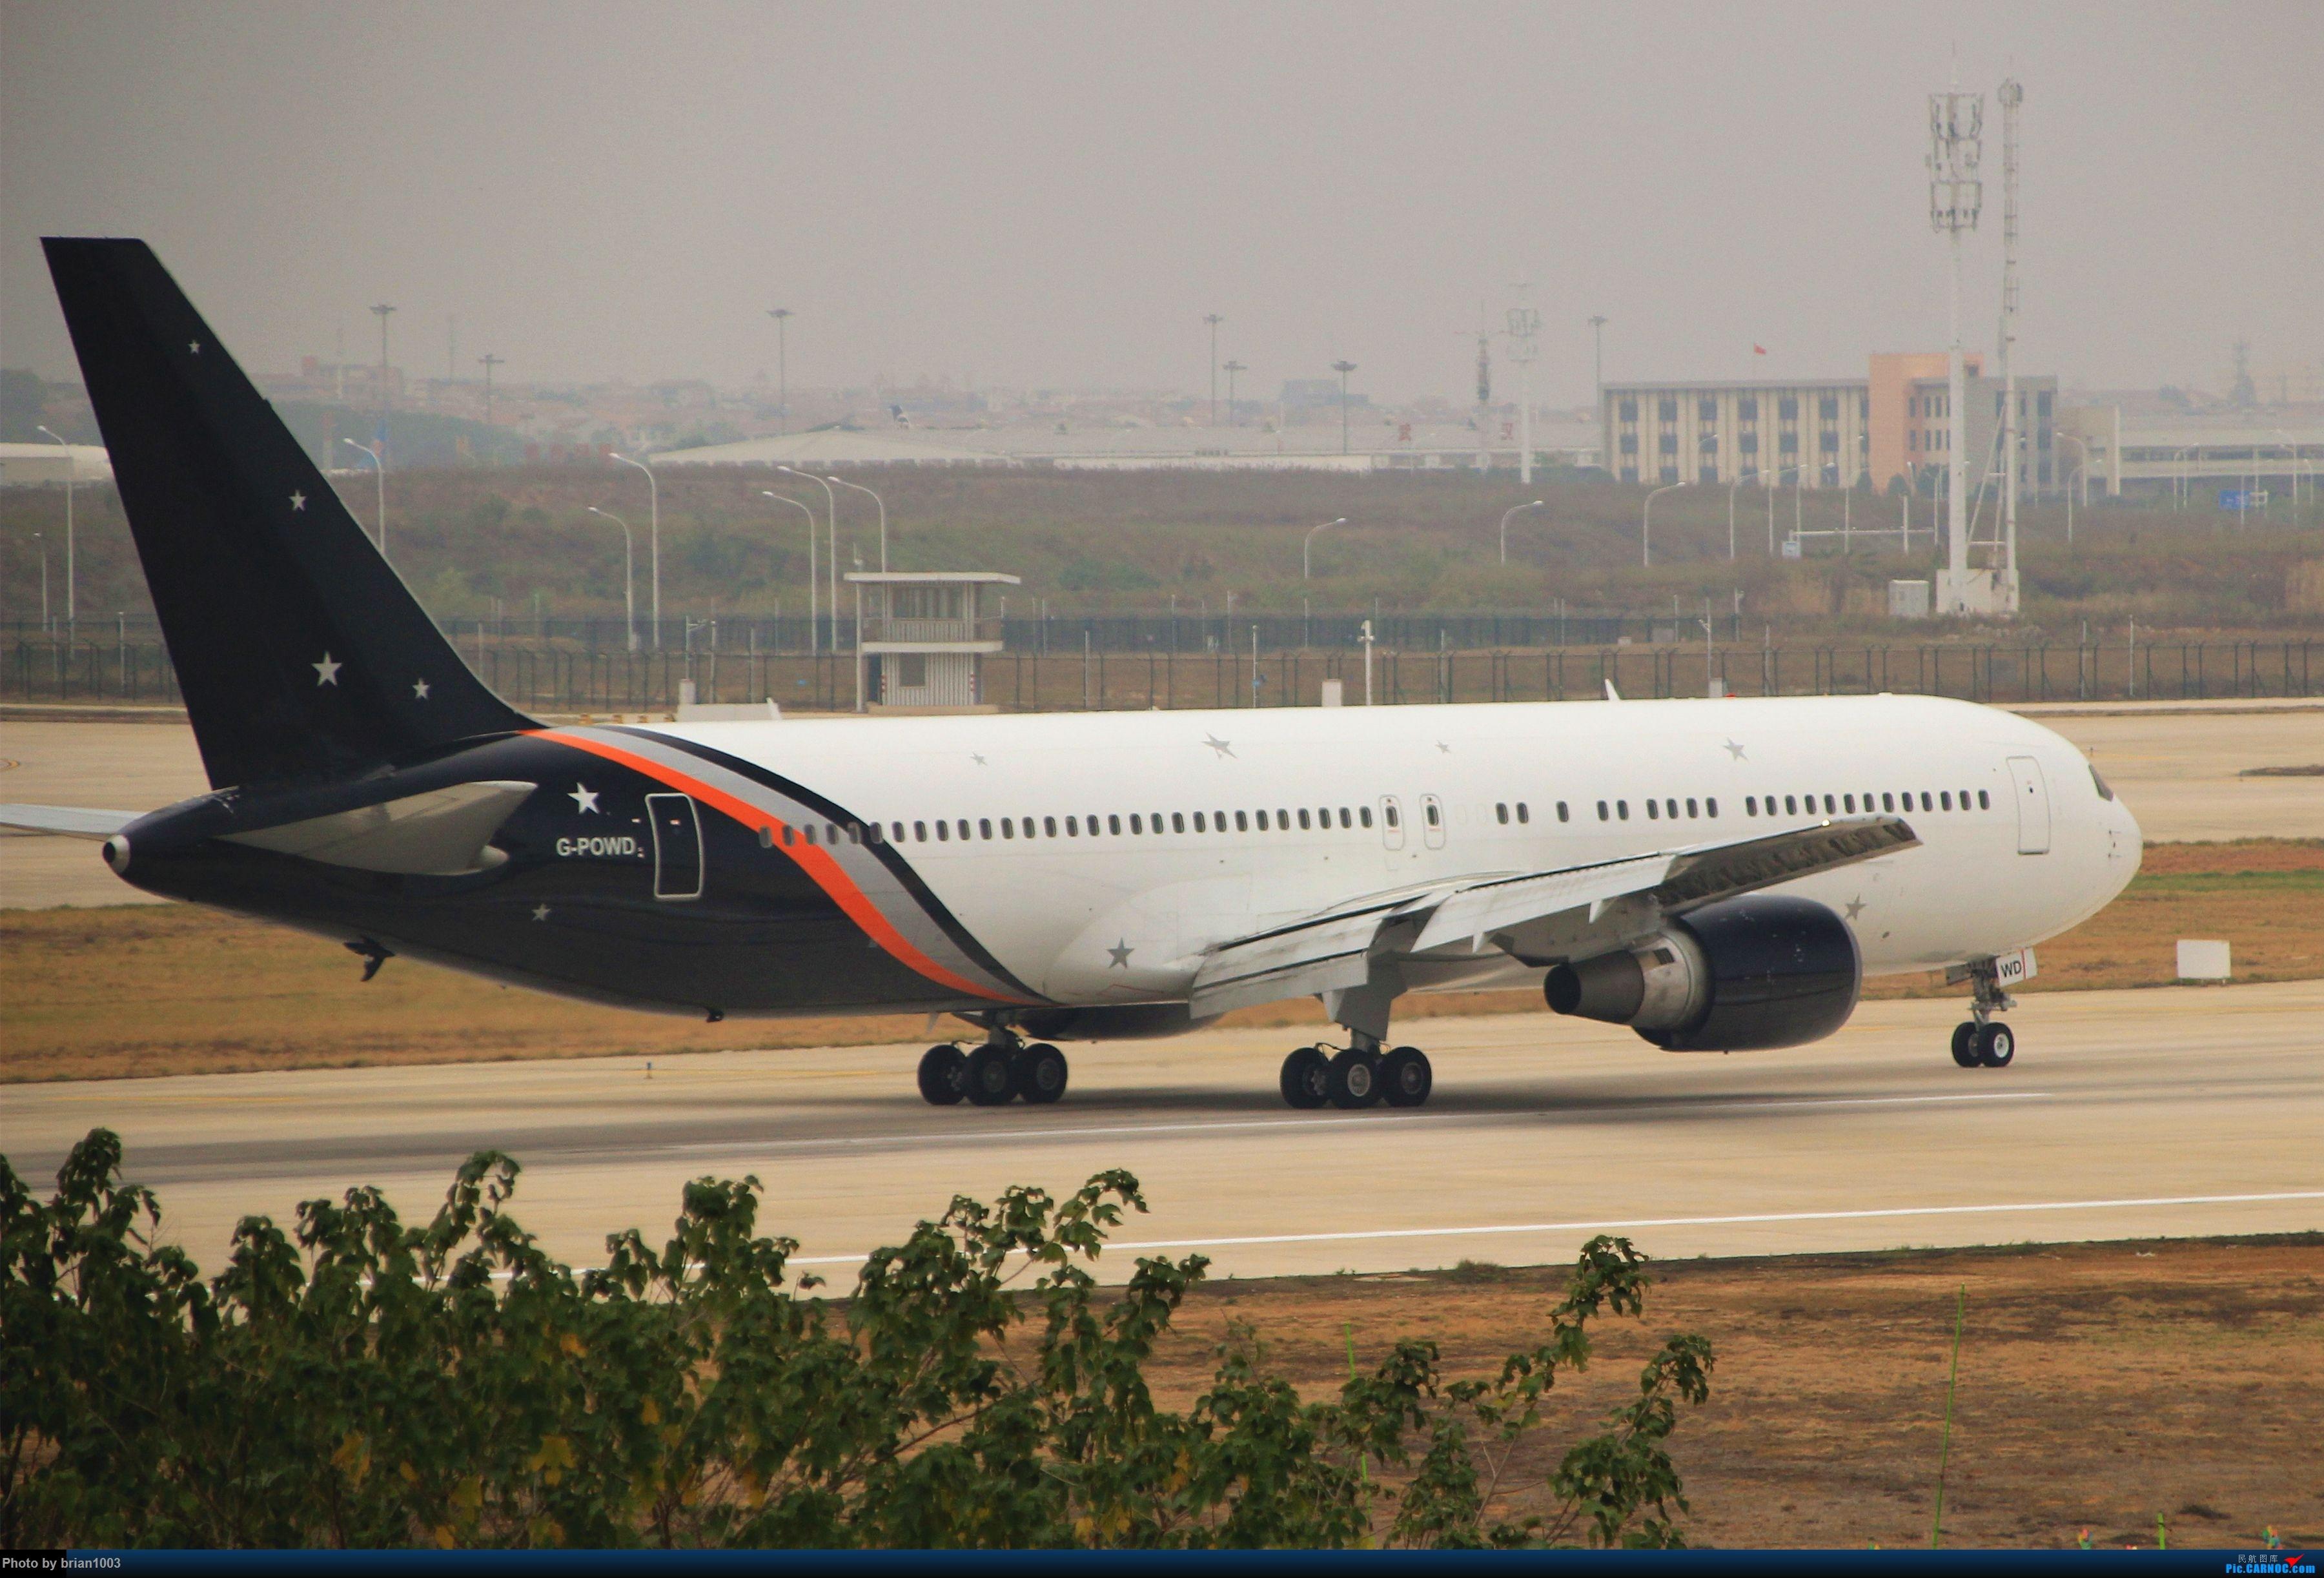 Re:[原创]WUH武汉天河机场拍机之精彩满满的十月(还可能更新) BOEING 767-300  中国武汉天河国际机场